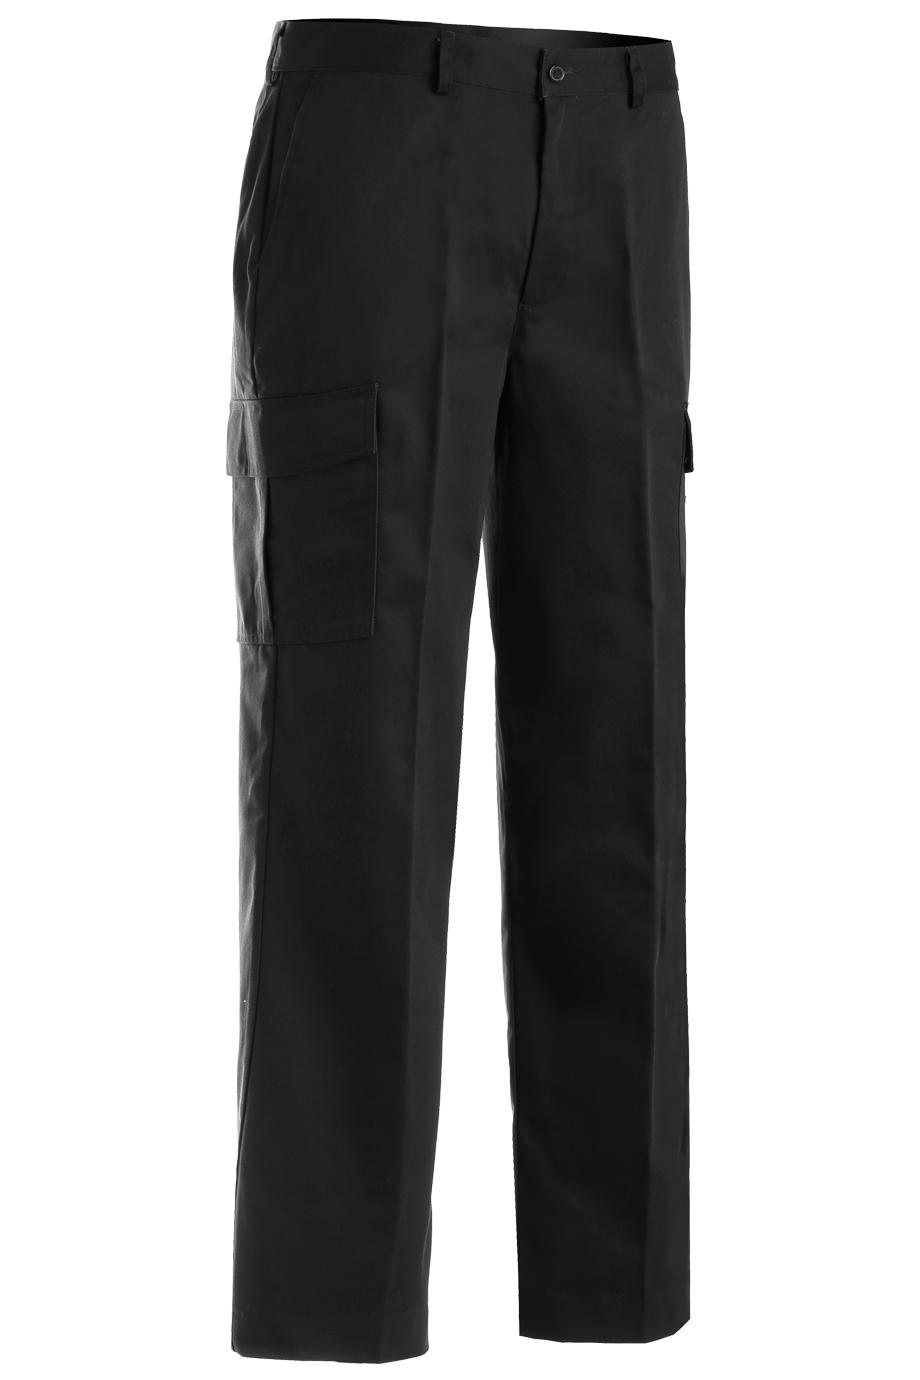 Edwards Mens Utility Flat Front Cargo Pant-Capp Uniform Services